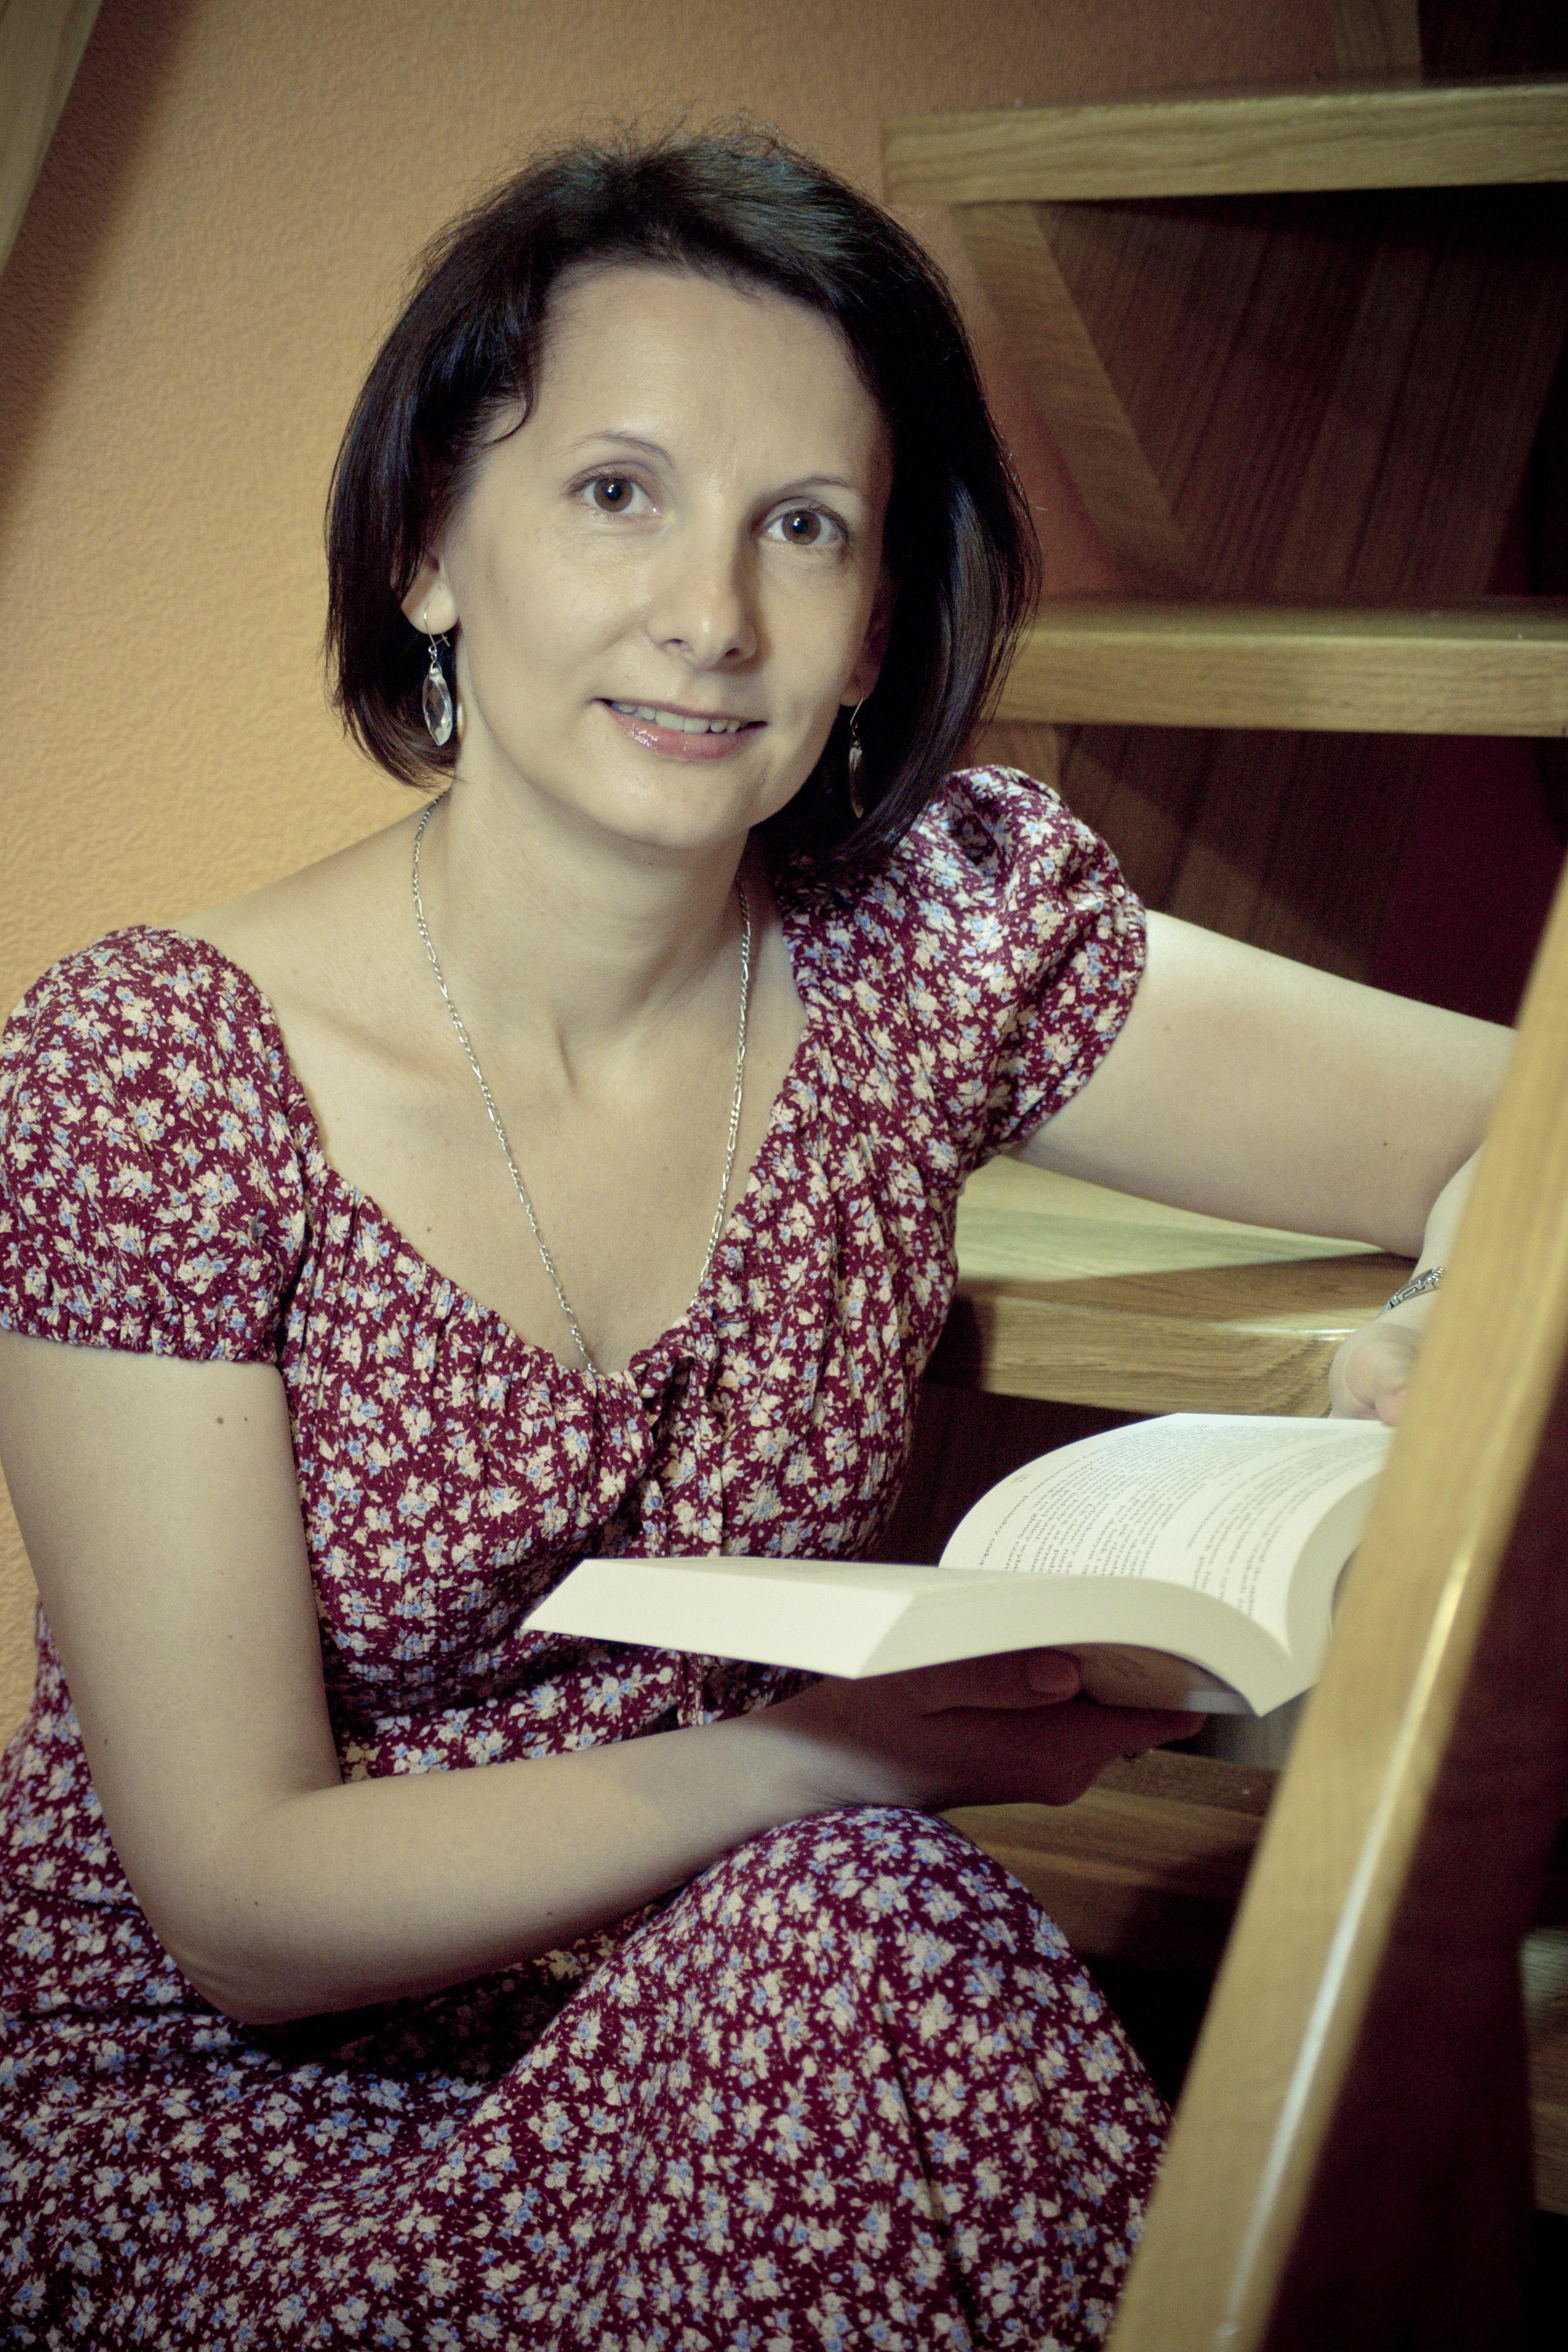 fot. Dariusz Zaród